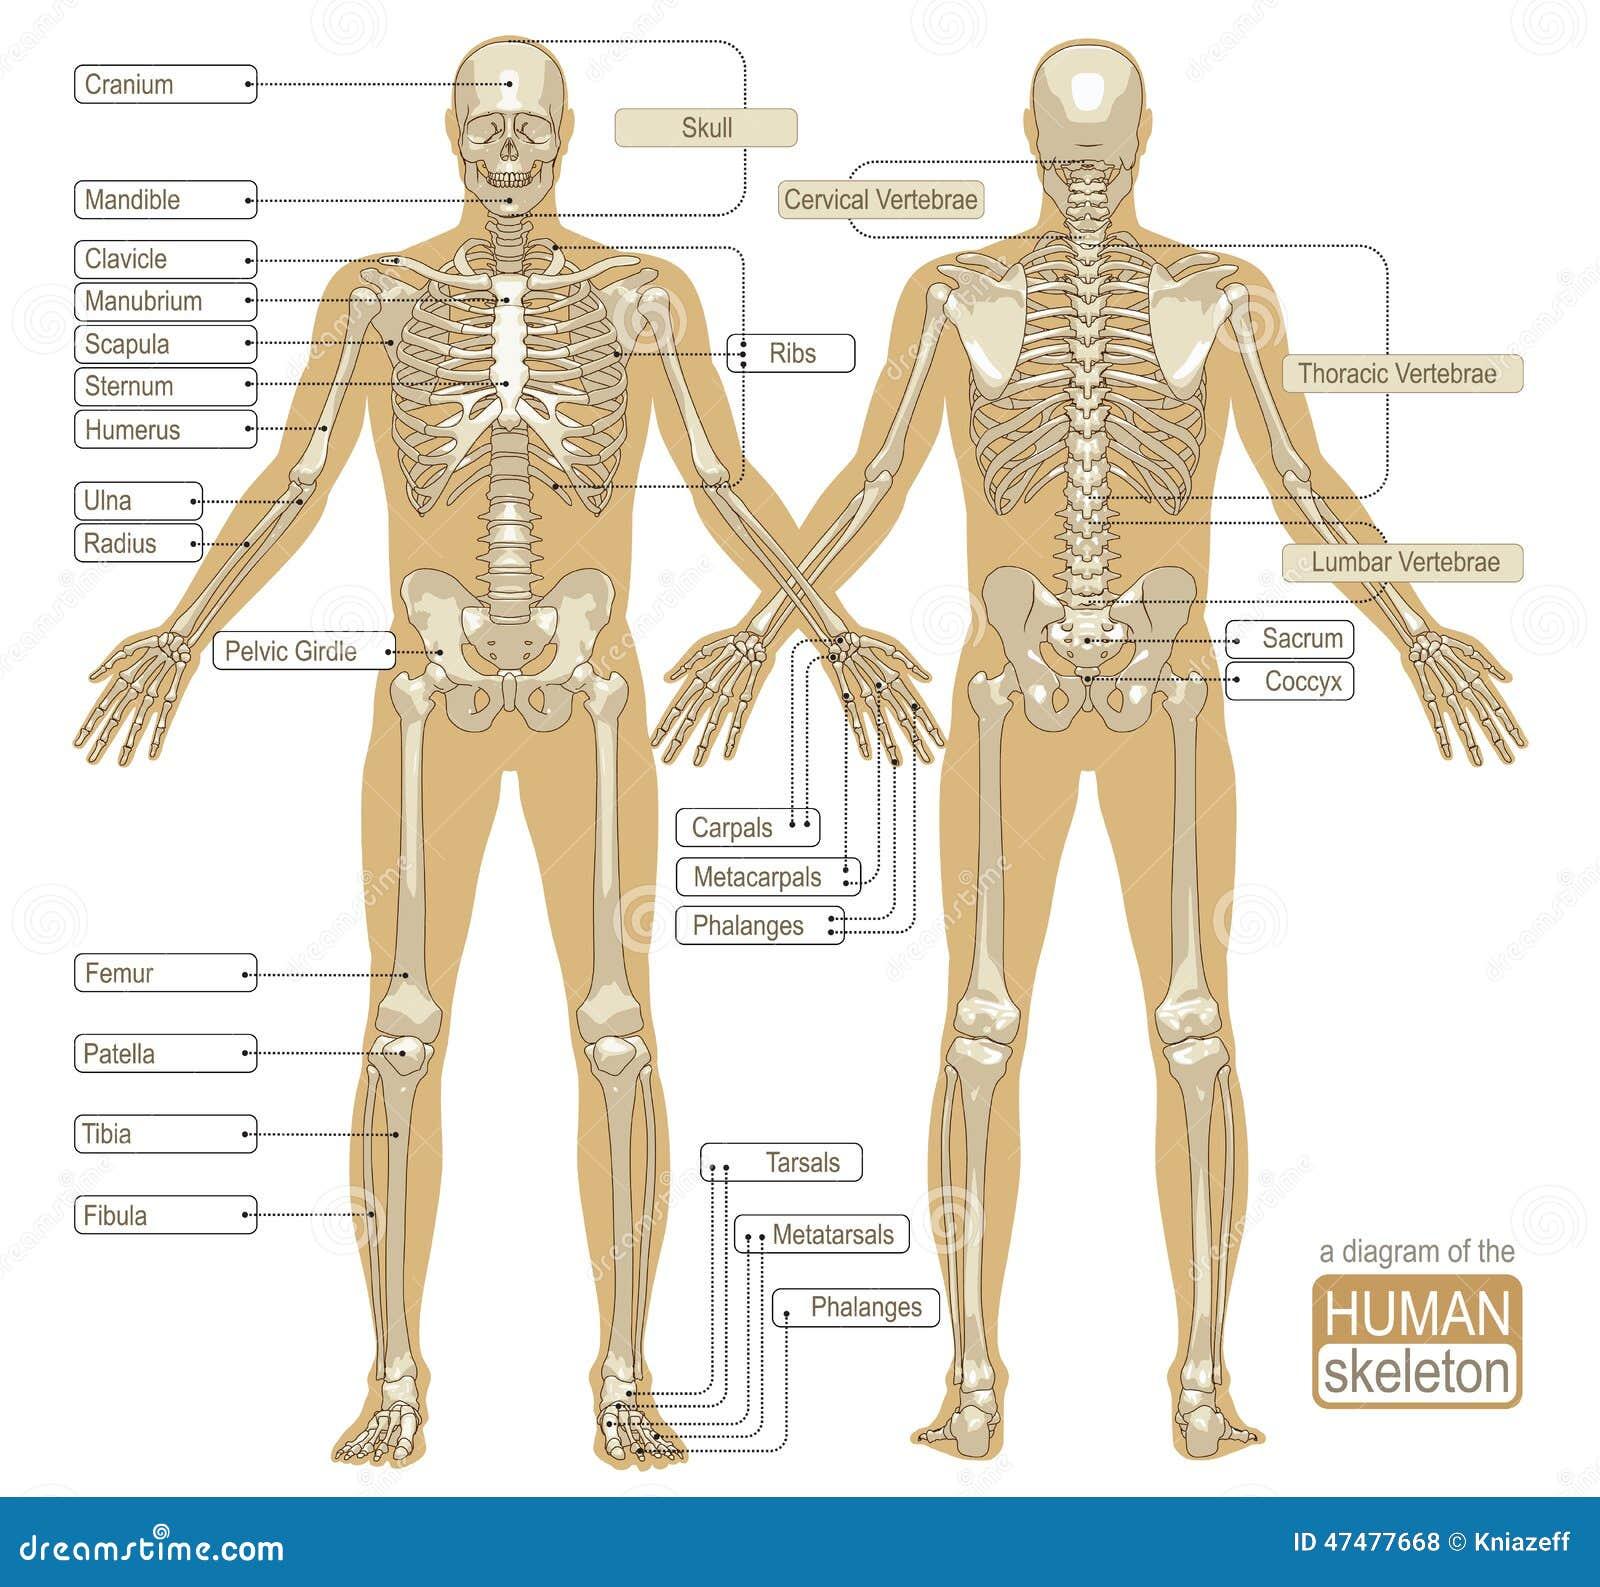 Großartig Diagramm Des Skeletts Bilder - Menschliche Anatomie Bilder ...